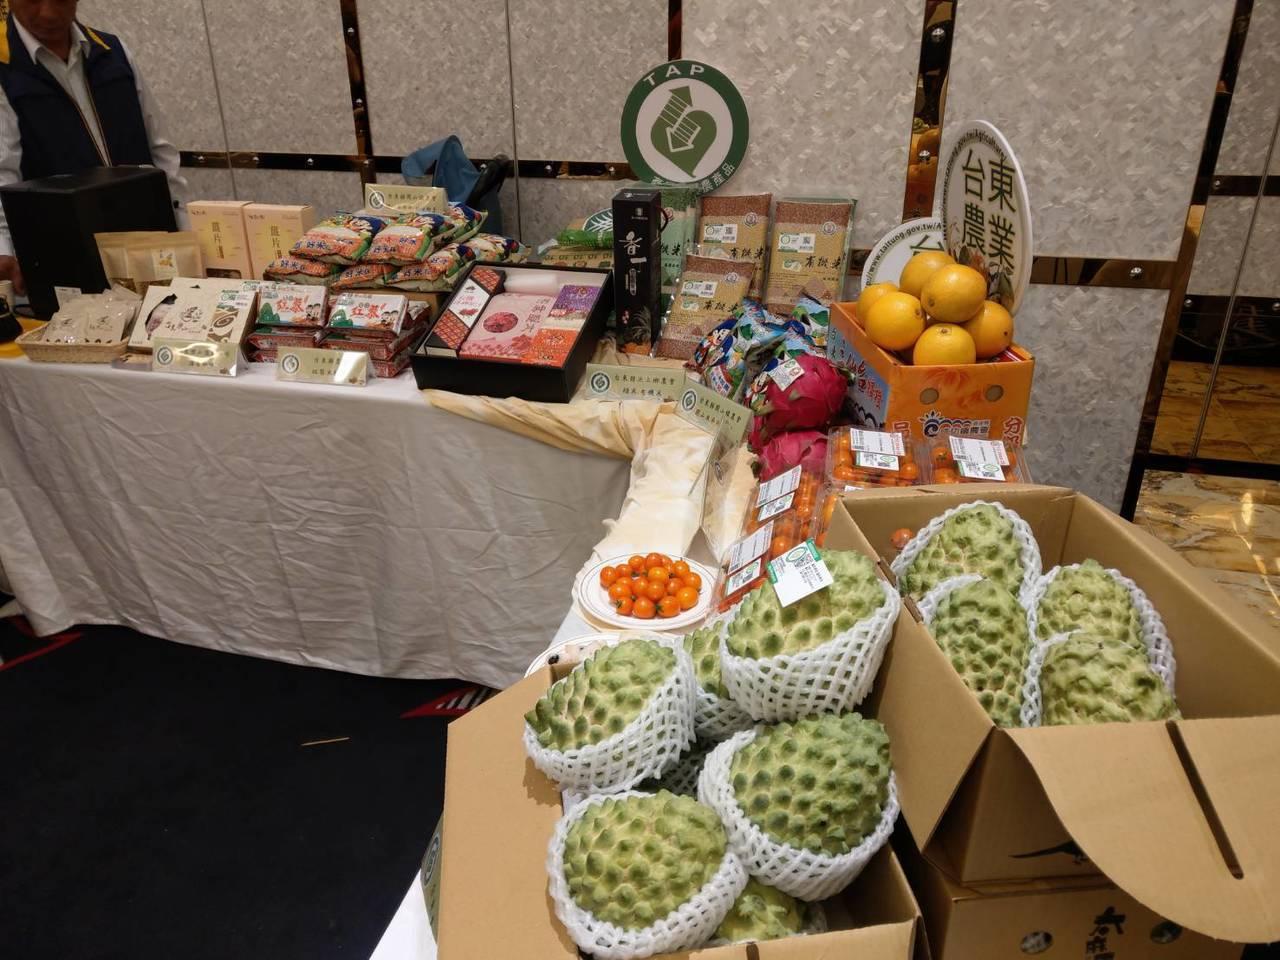 台東縣農會今天到高雄行銷花東特色農遊,展示農特產品。記者謝梅芬/攝影